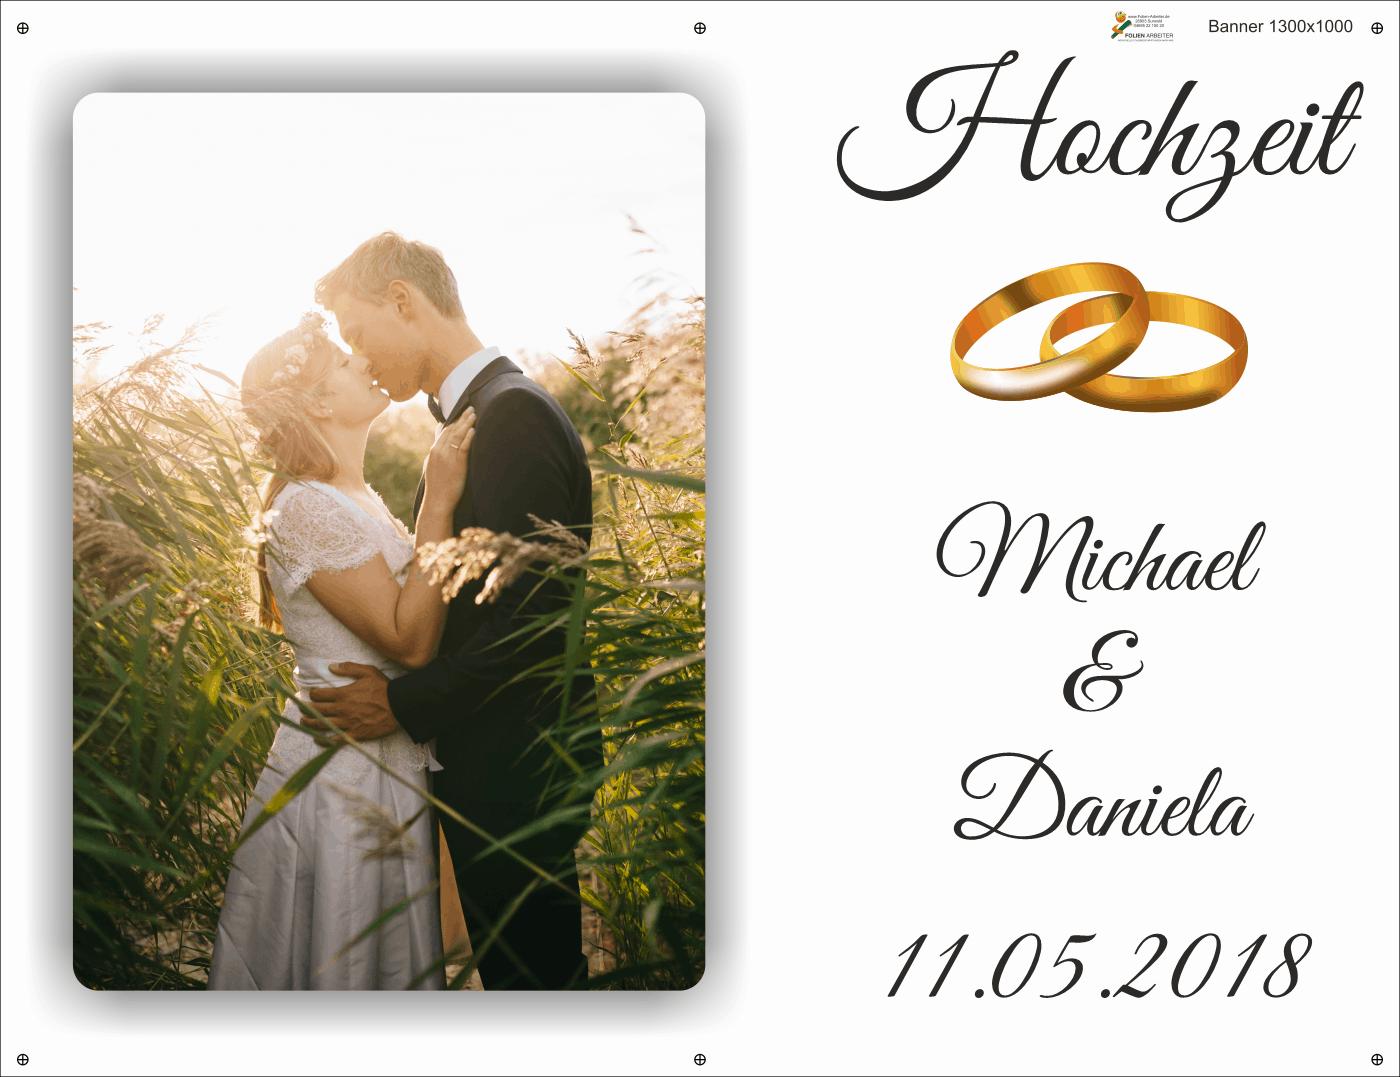 Banner zur Hochzeit Glückwünsche im Großformat